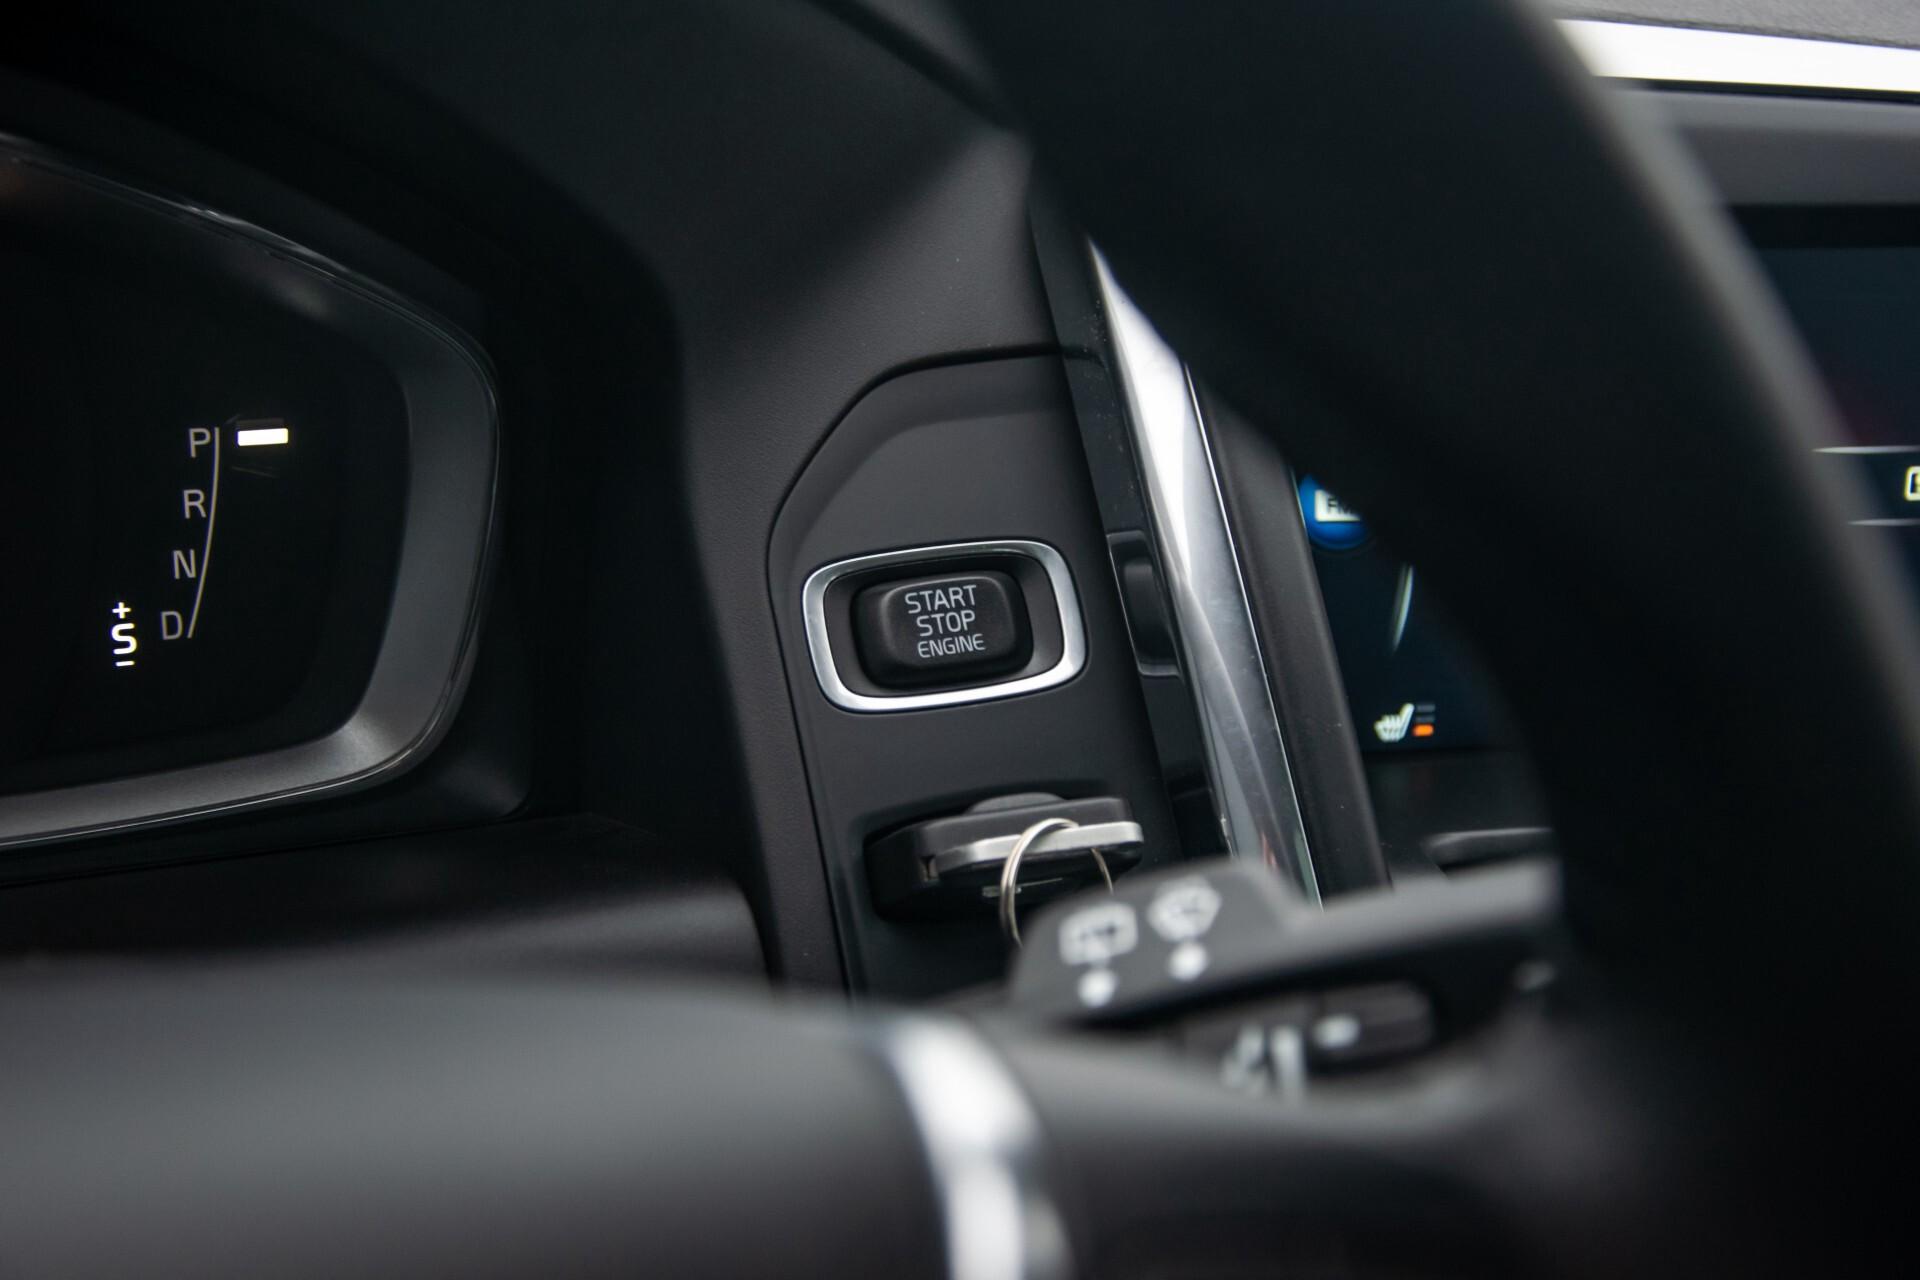 Volvo XC60 2.0 T5 FWD Ocean Race Panorama/Leer/Dealer OH Aut8 Foto 17